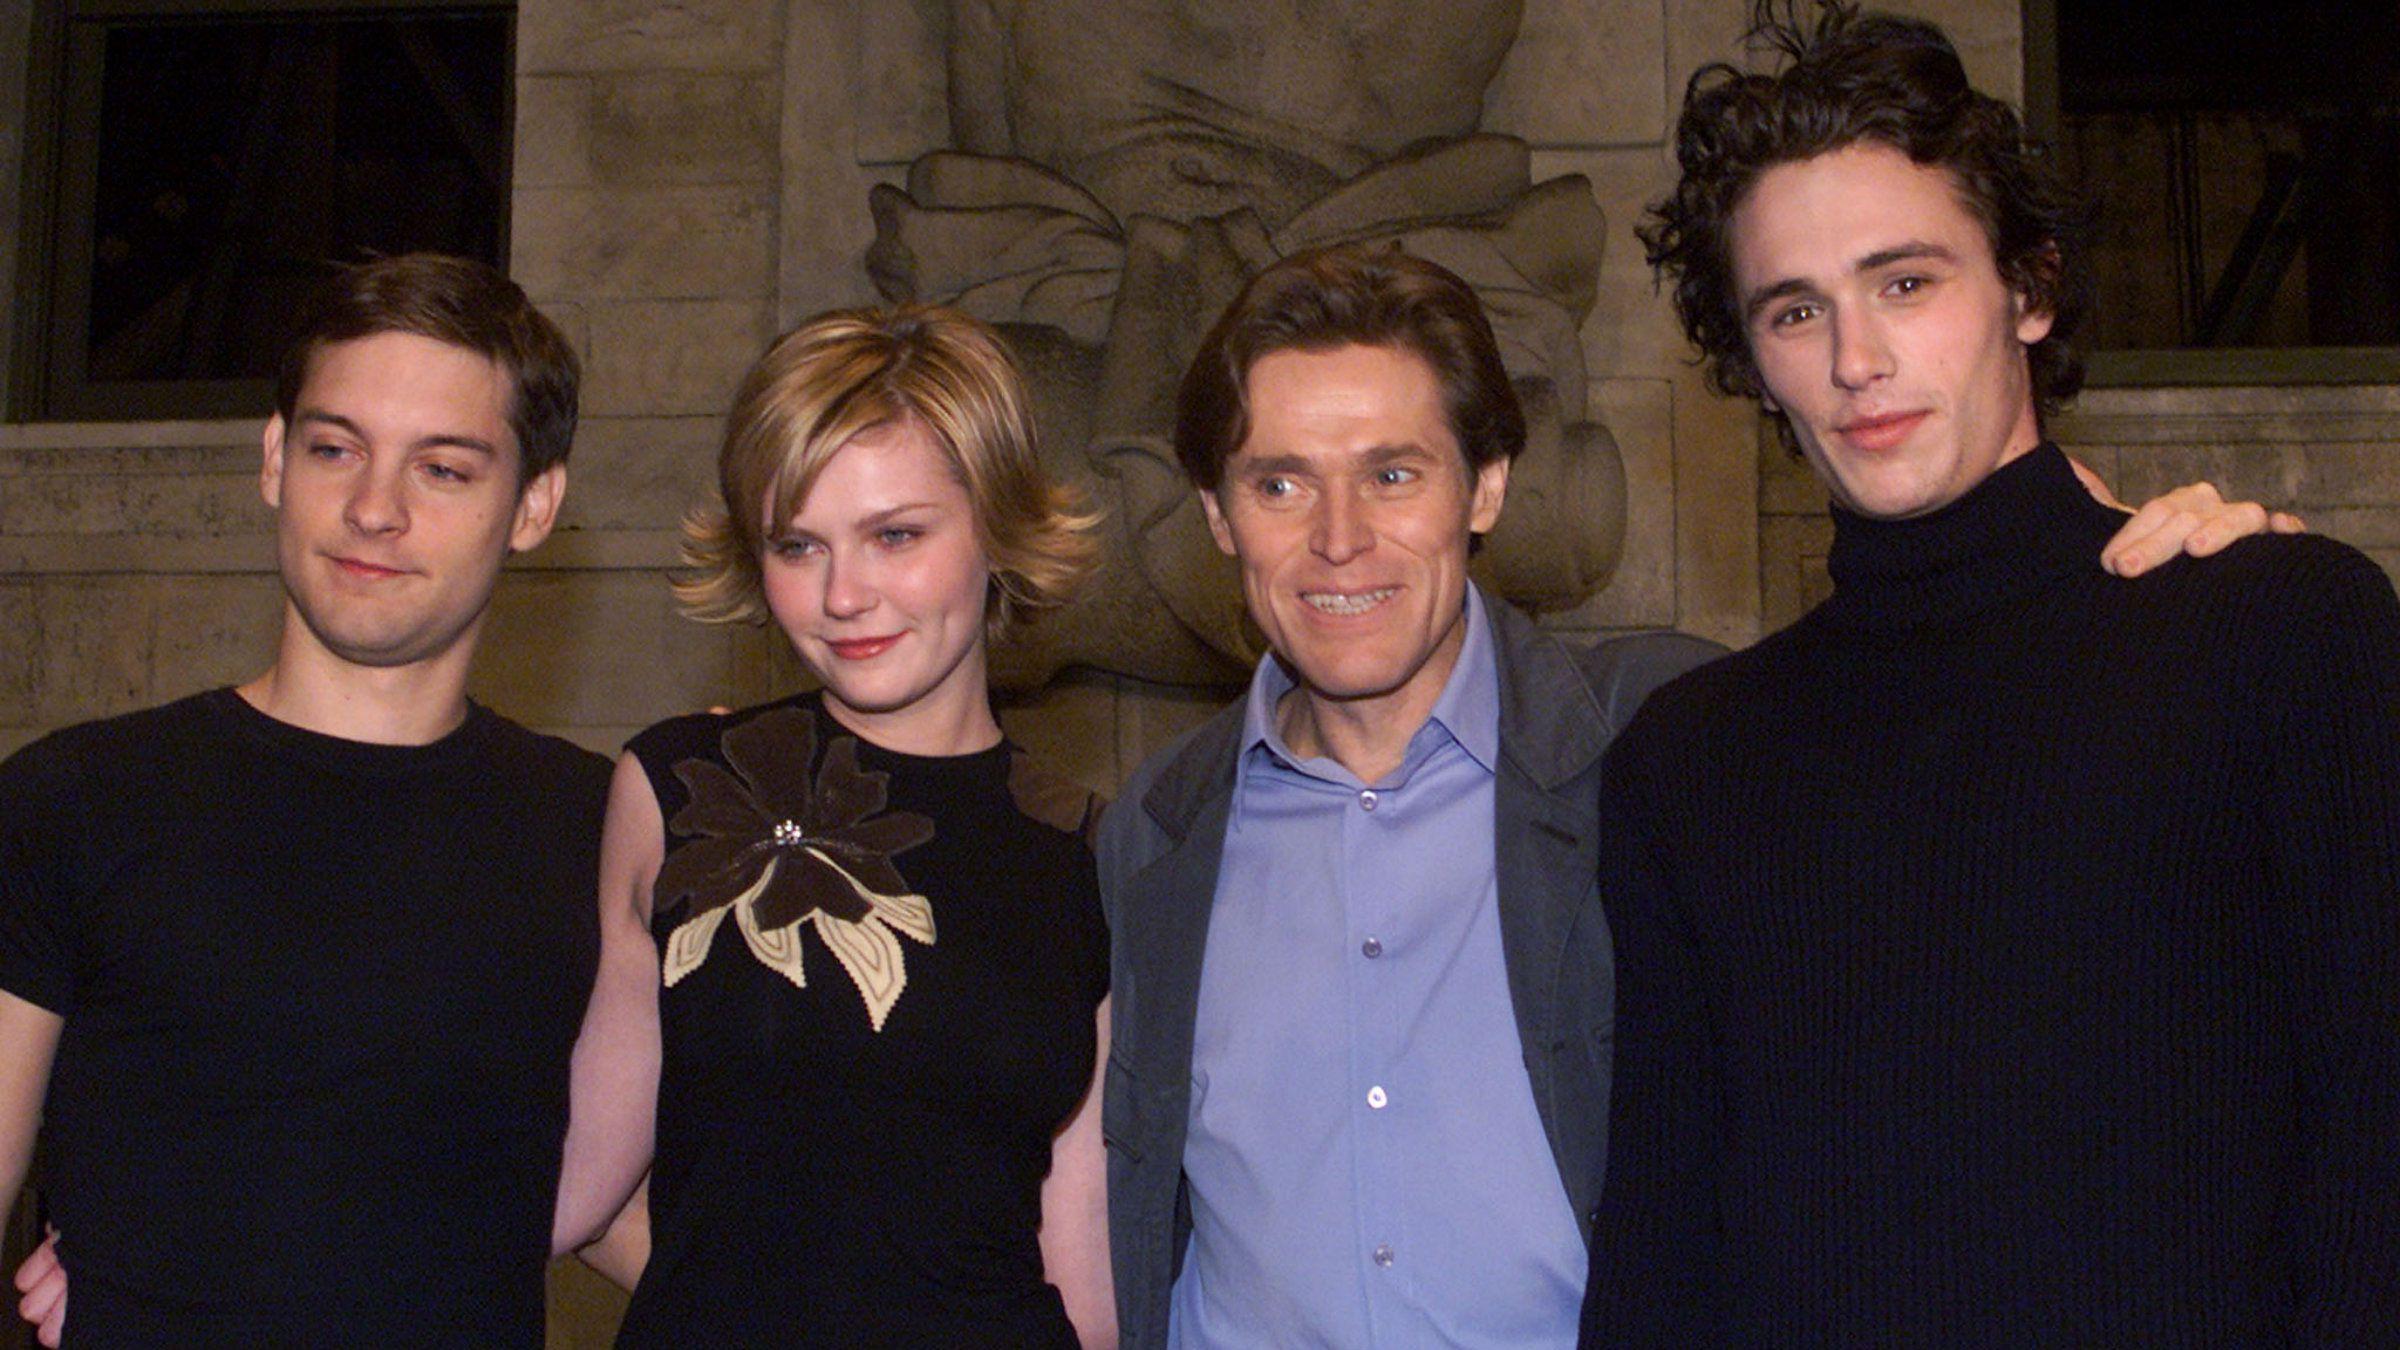 Hollywood 2002 nostalgia